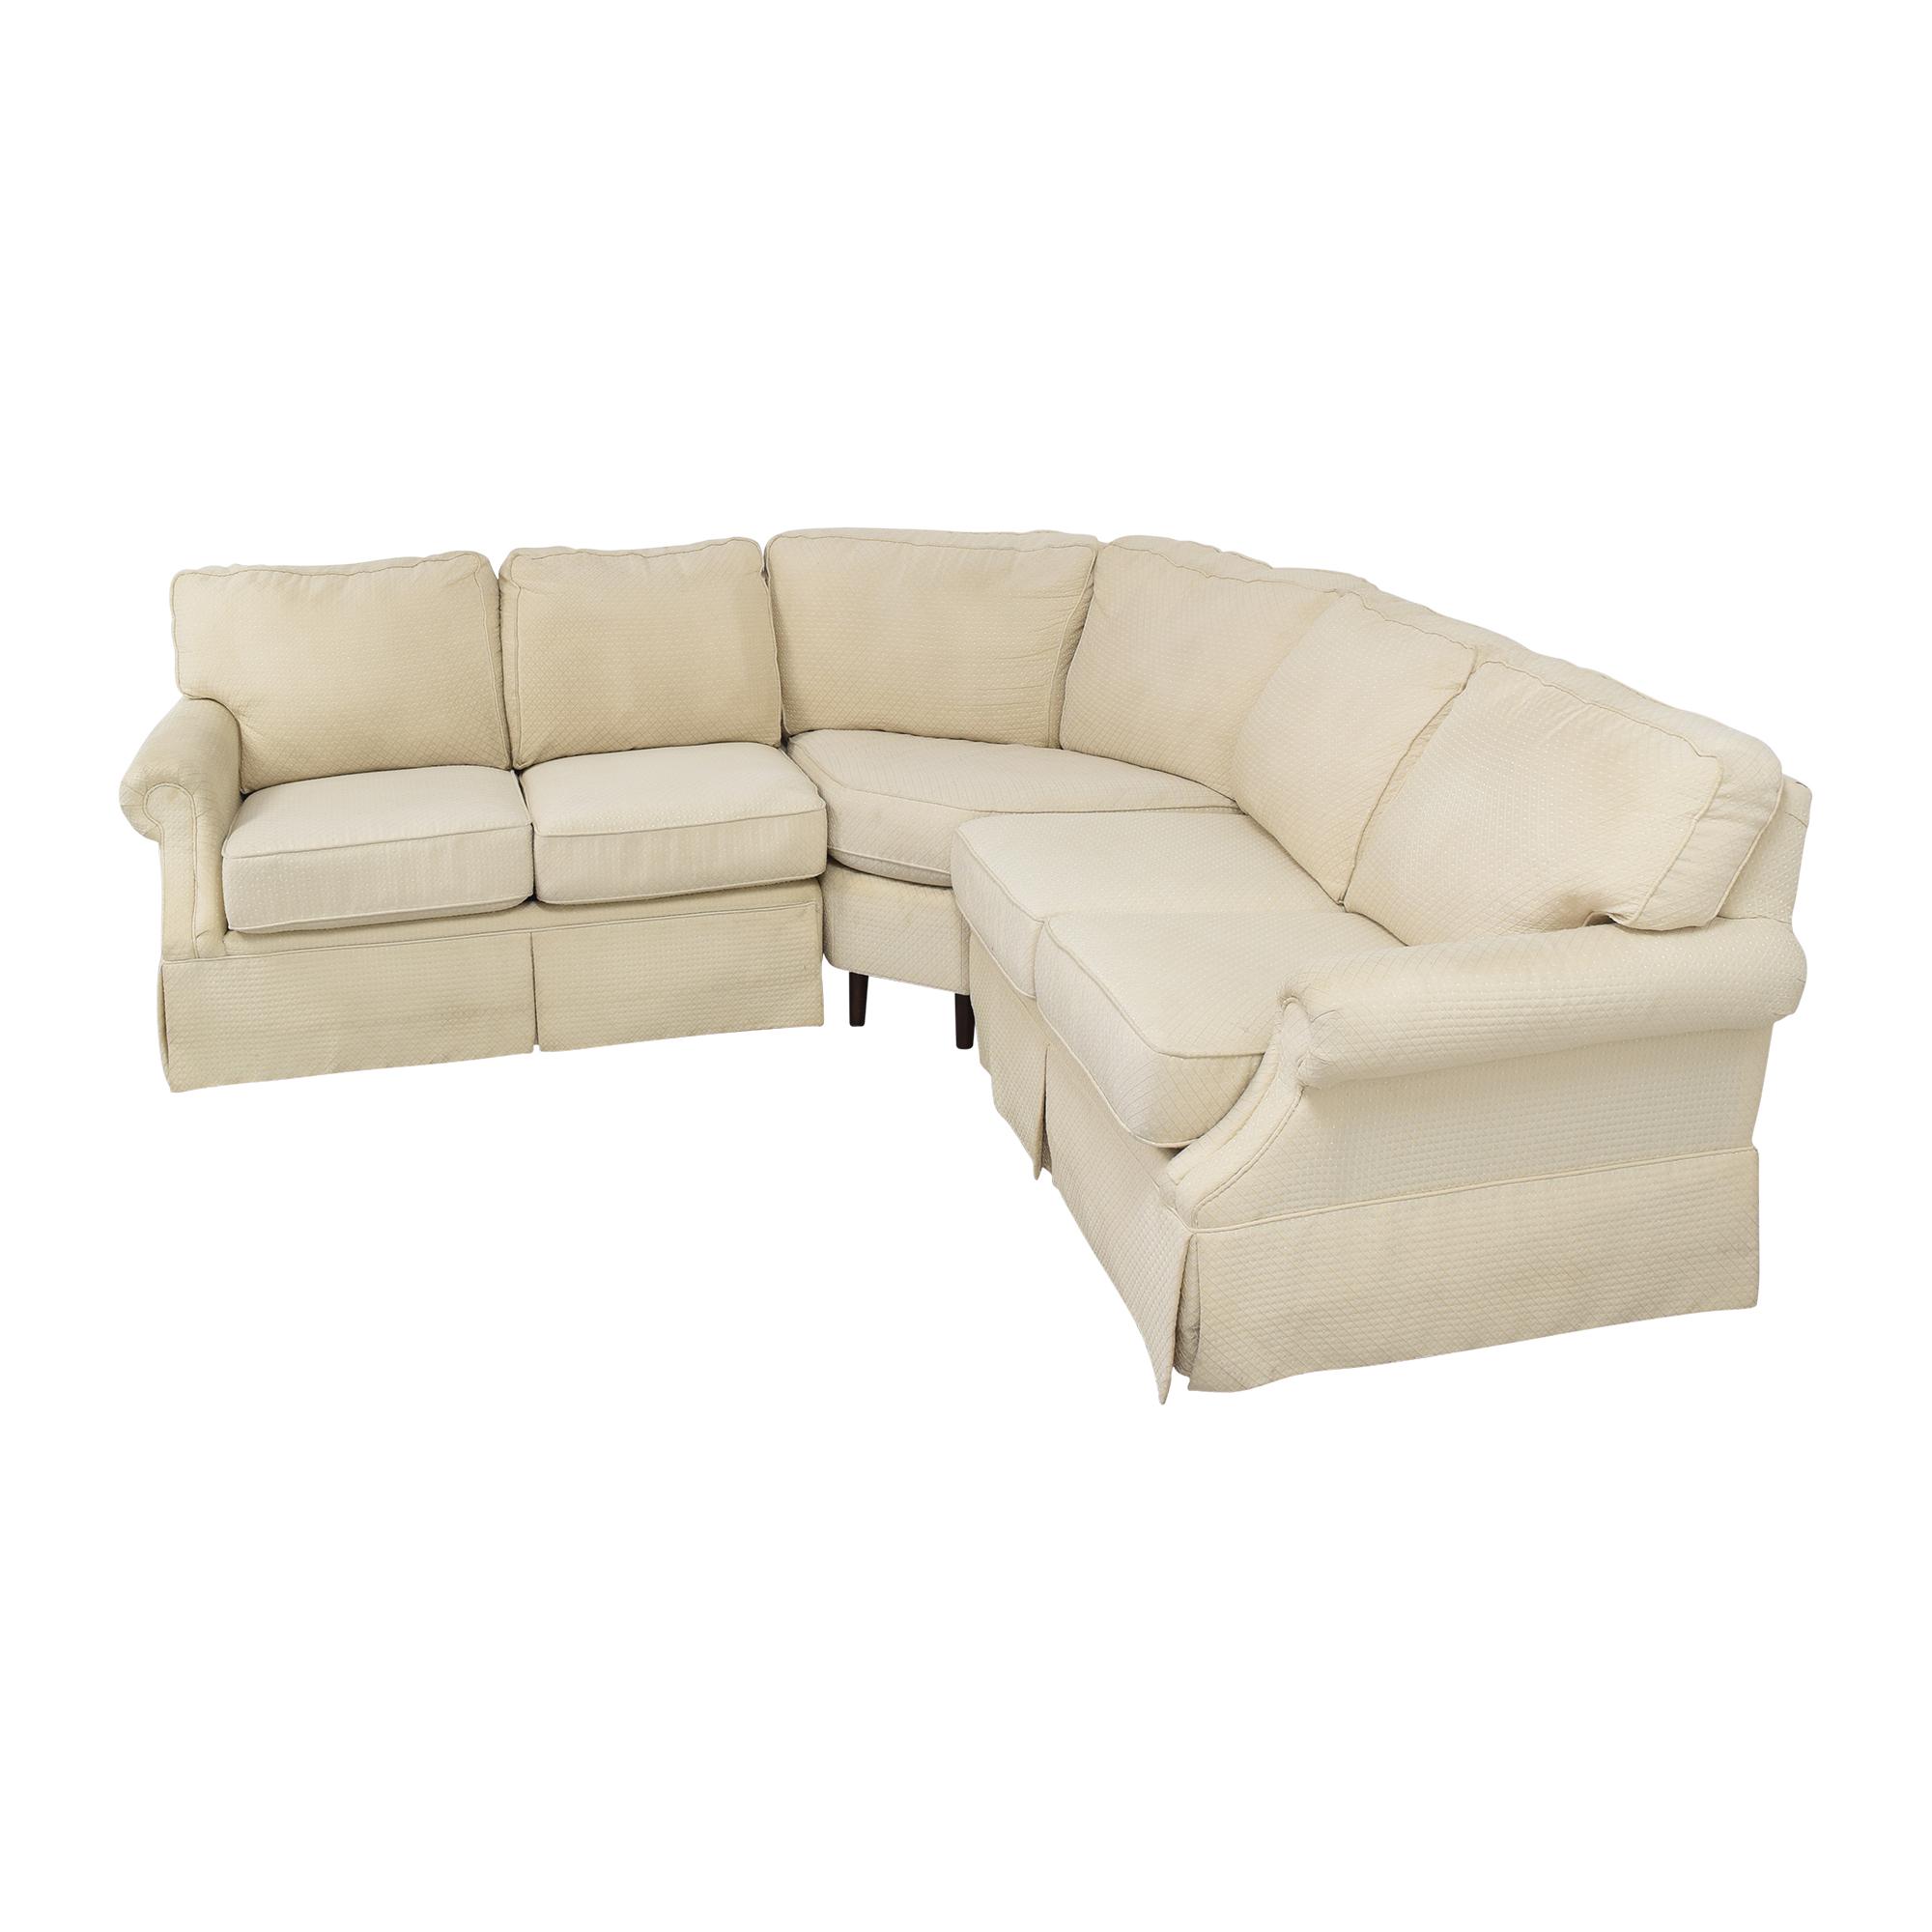 Flexsteel Flexsteel L Shaped Sectional Sofa